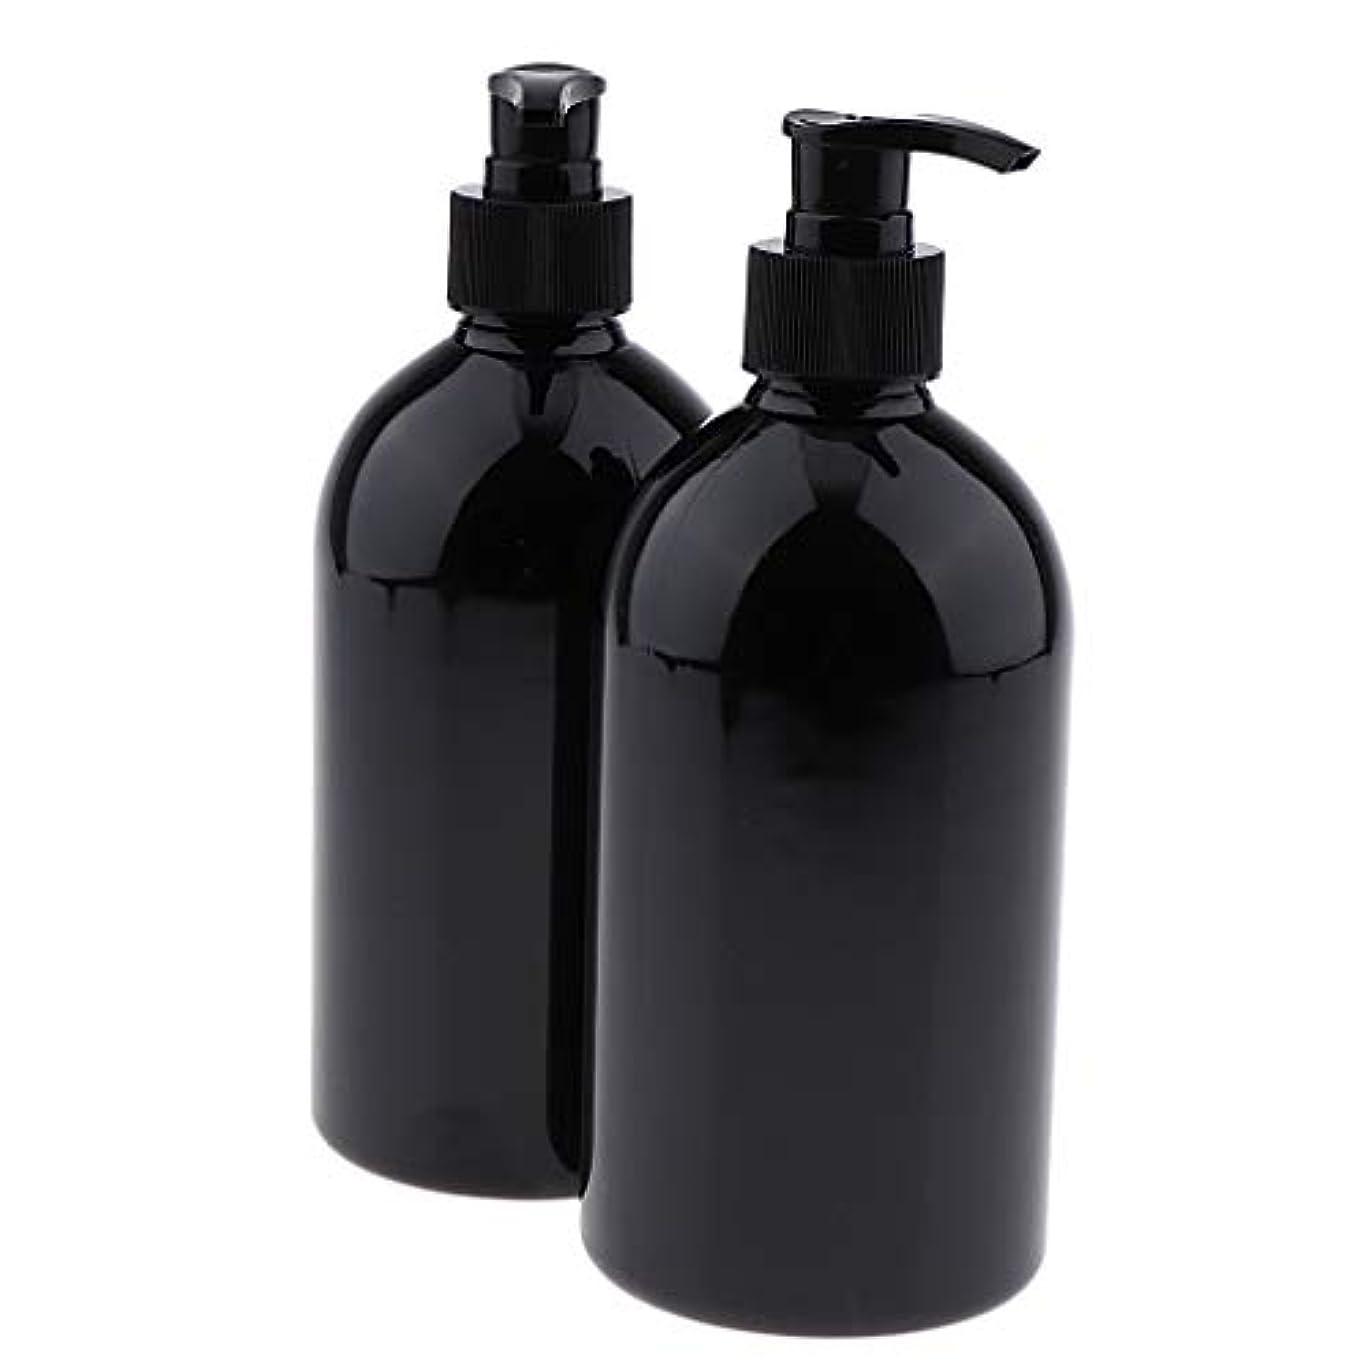 スキャン伝染性の絡まるFutuHome 2パック空シャンプーポンプボトル500ミリリットル、ボディウォッシュ&シャワージェルコンテナ - ブラックポンプ